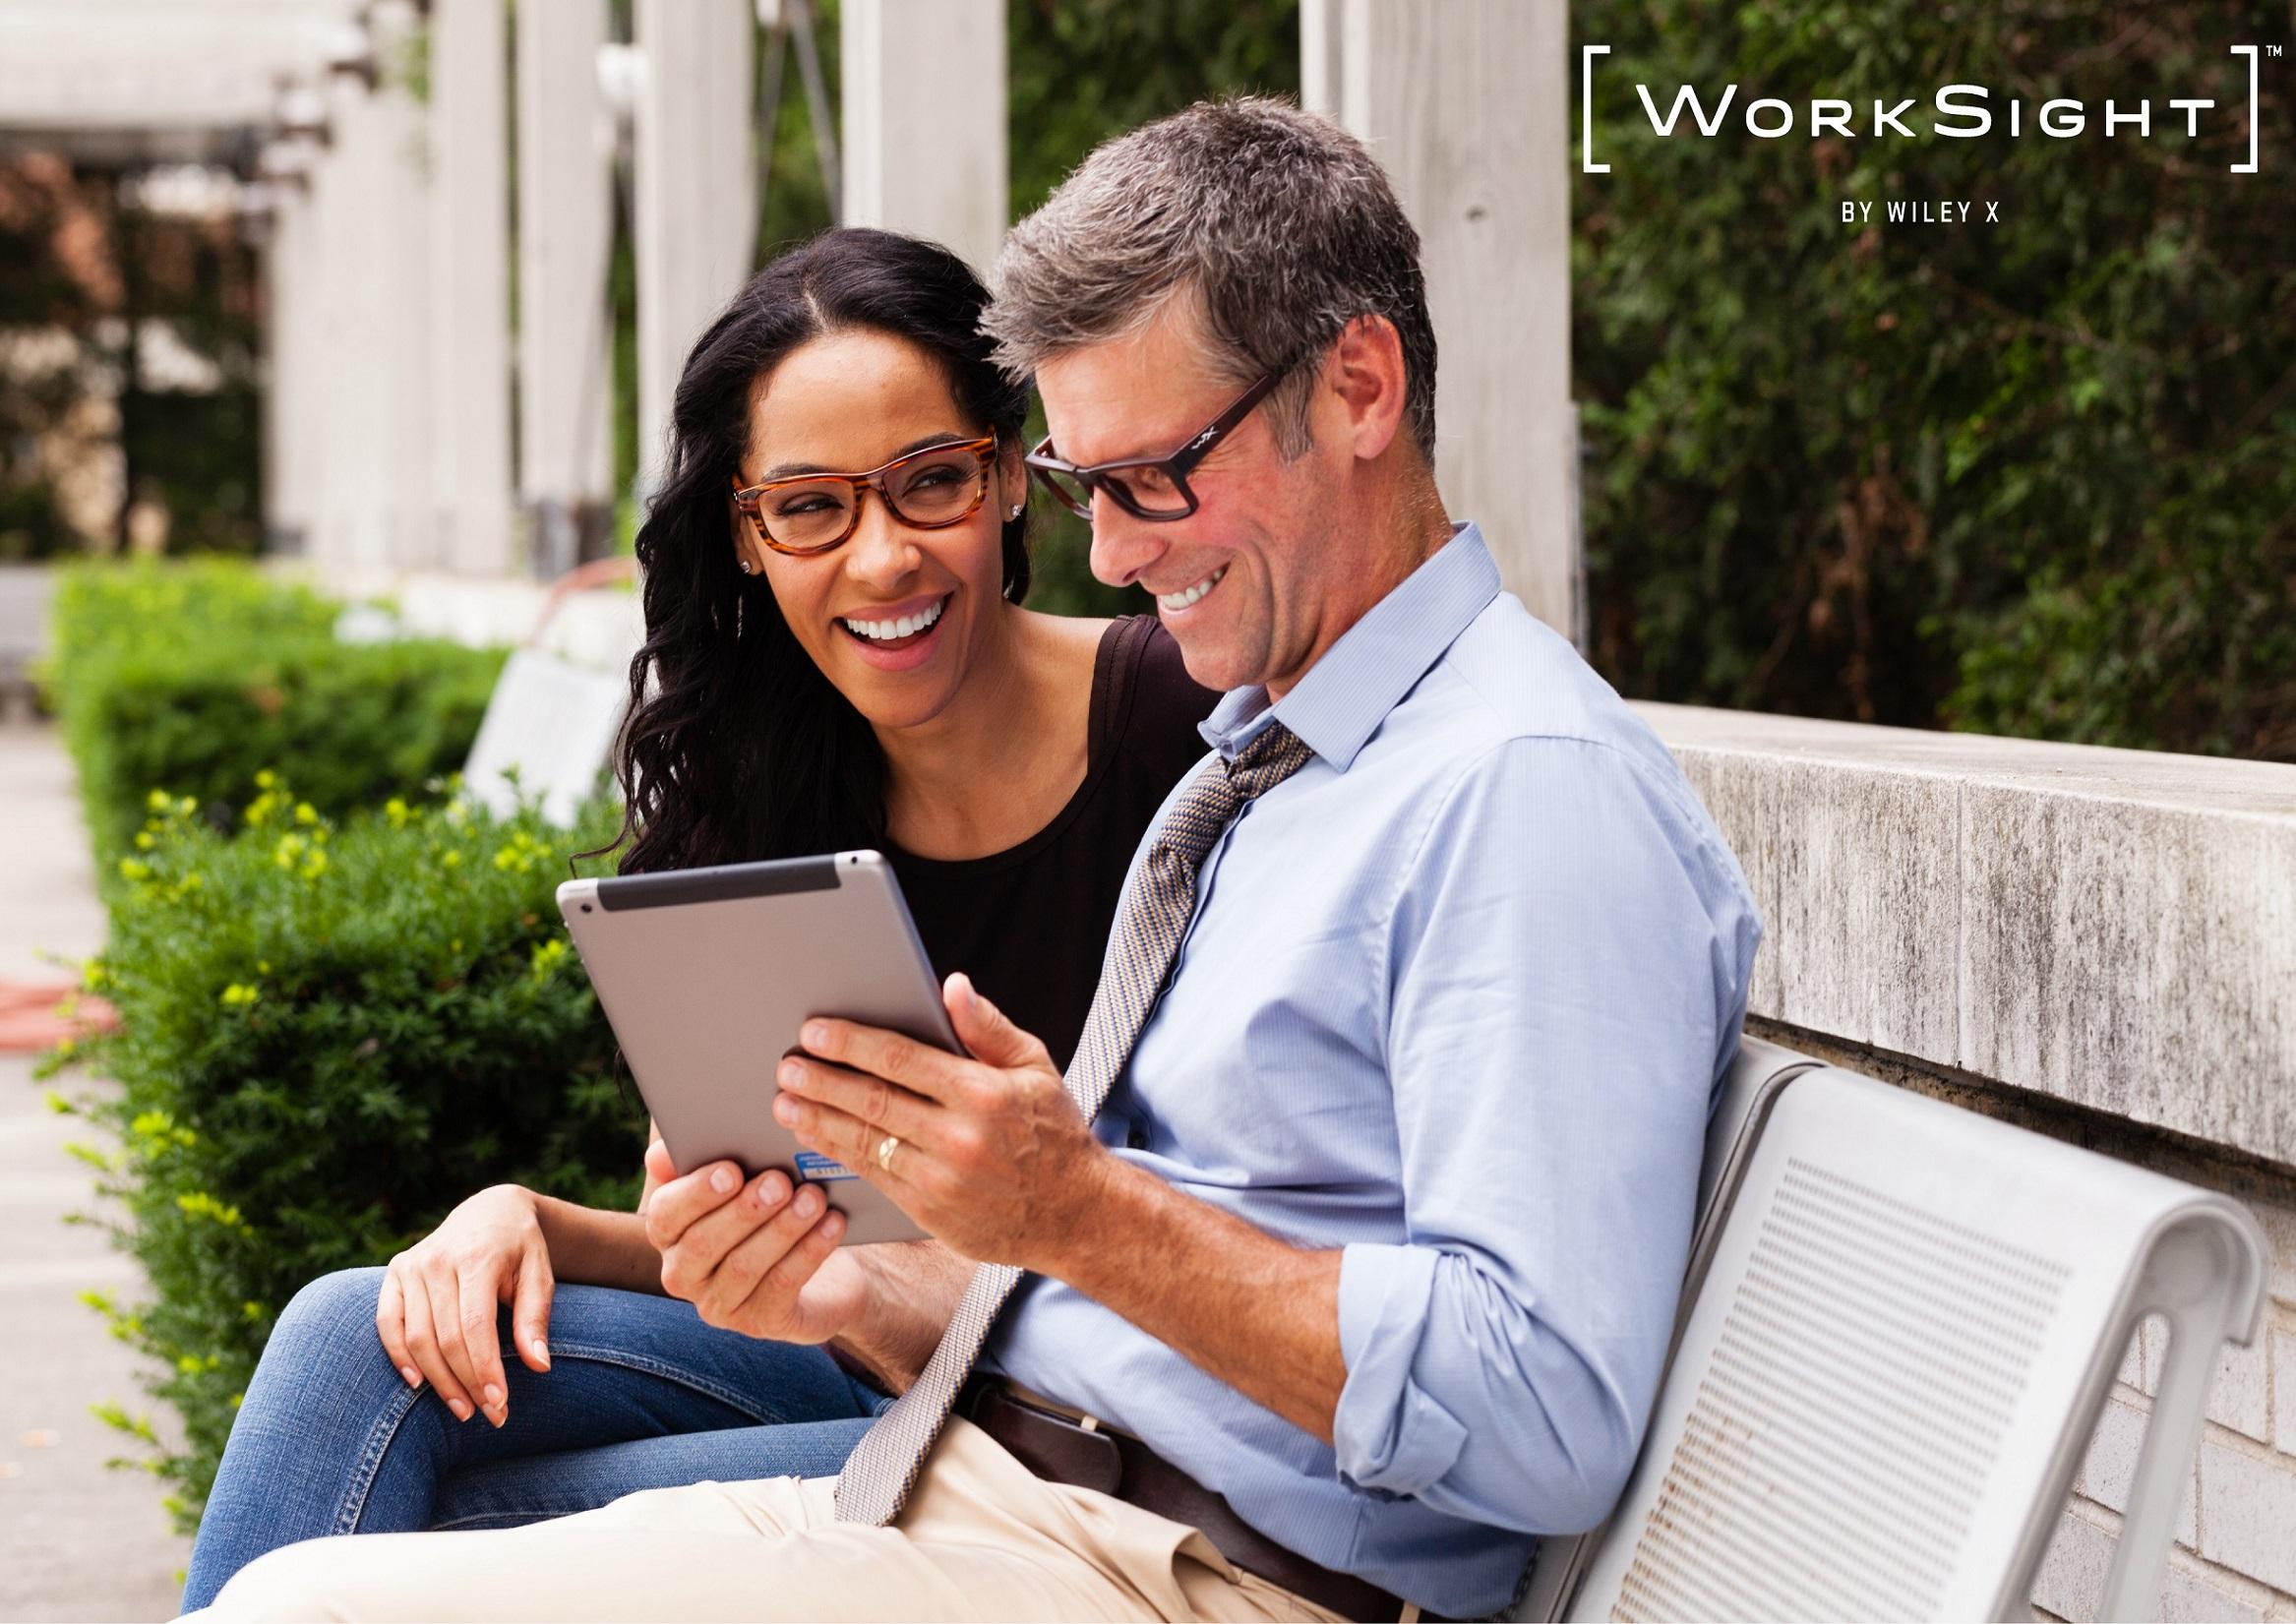 日本初、タフネスに進化したメガネ「WorkSight」、4月4日より販売開始。 ~米国国家規格協会 ANSI Z87.1 (Z87+) 認証品~